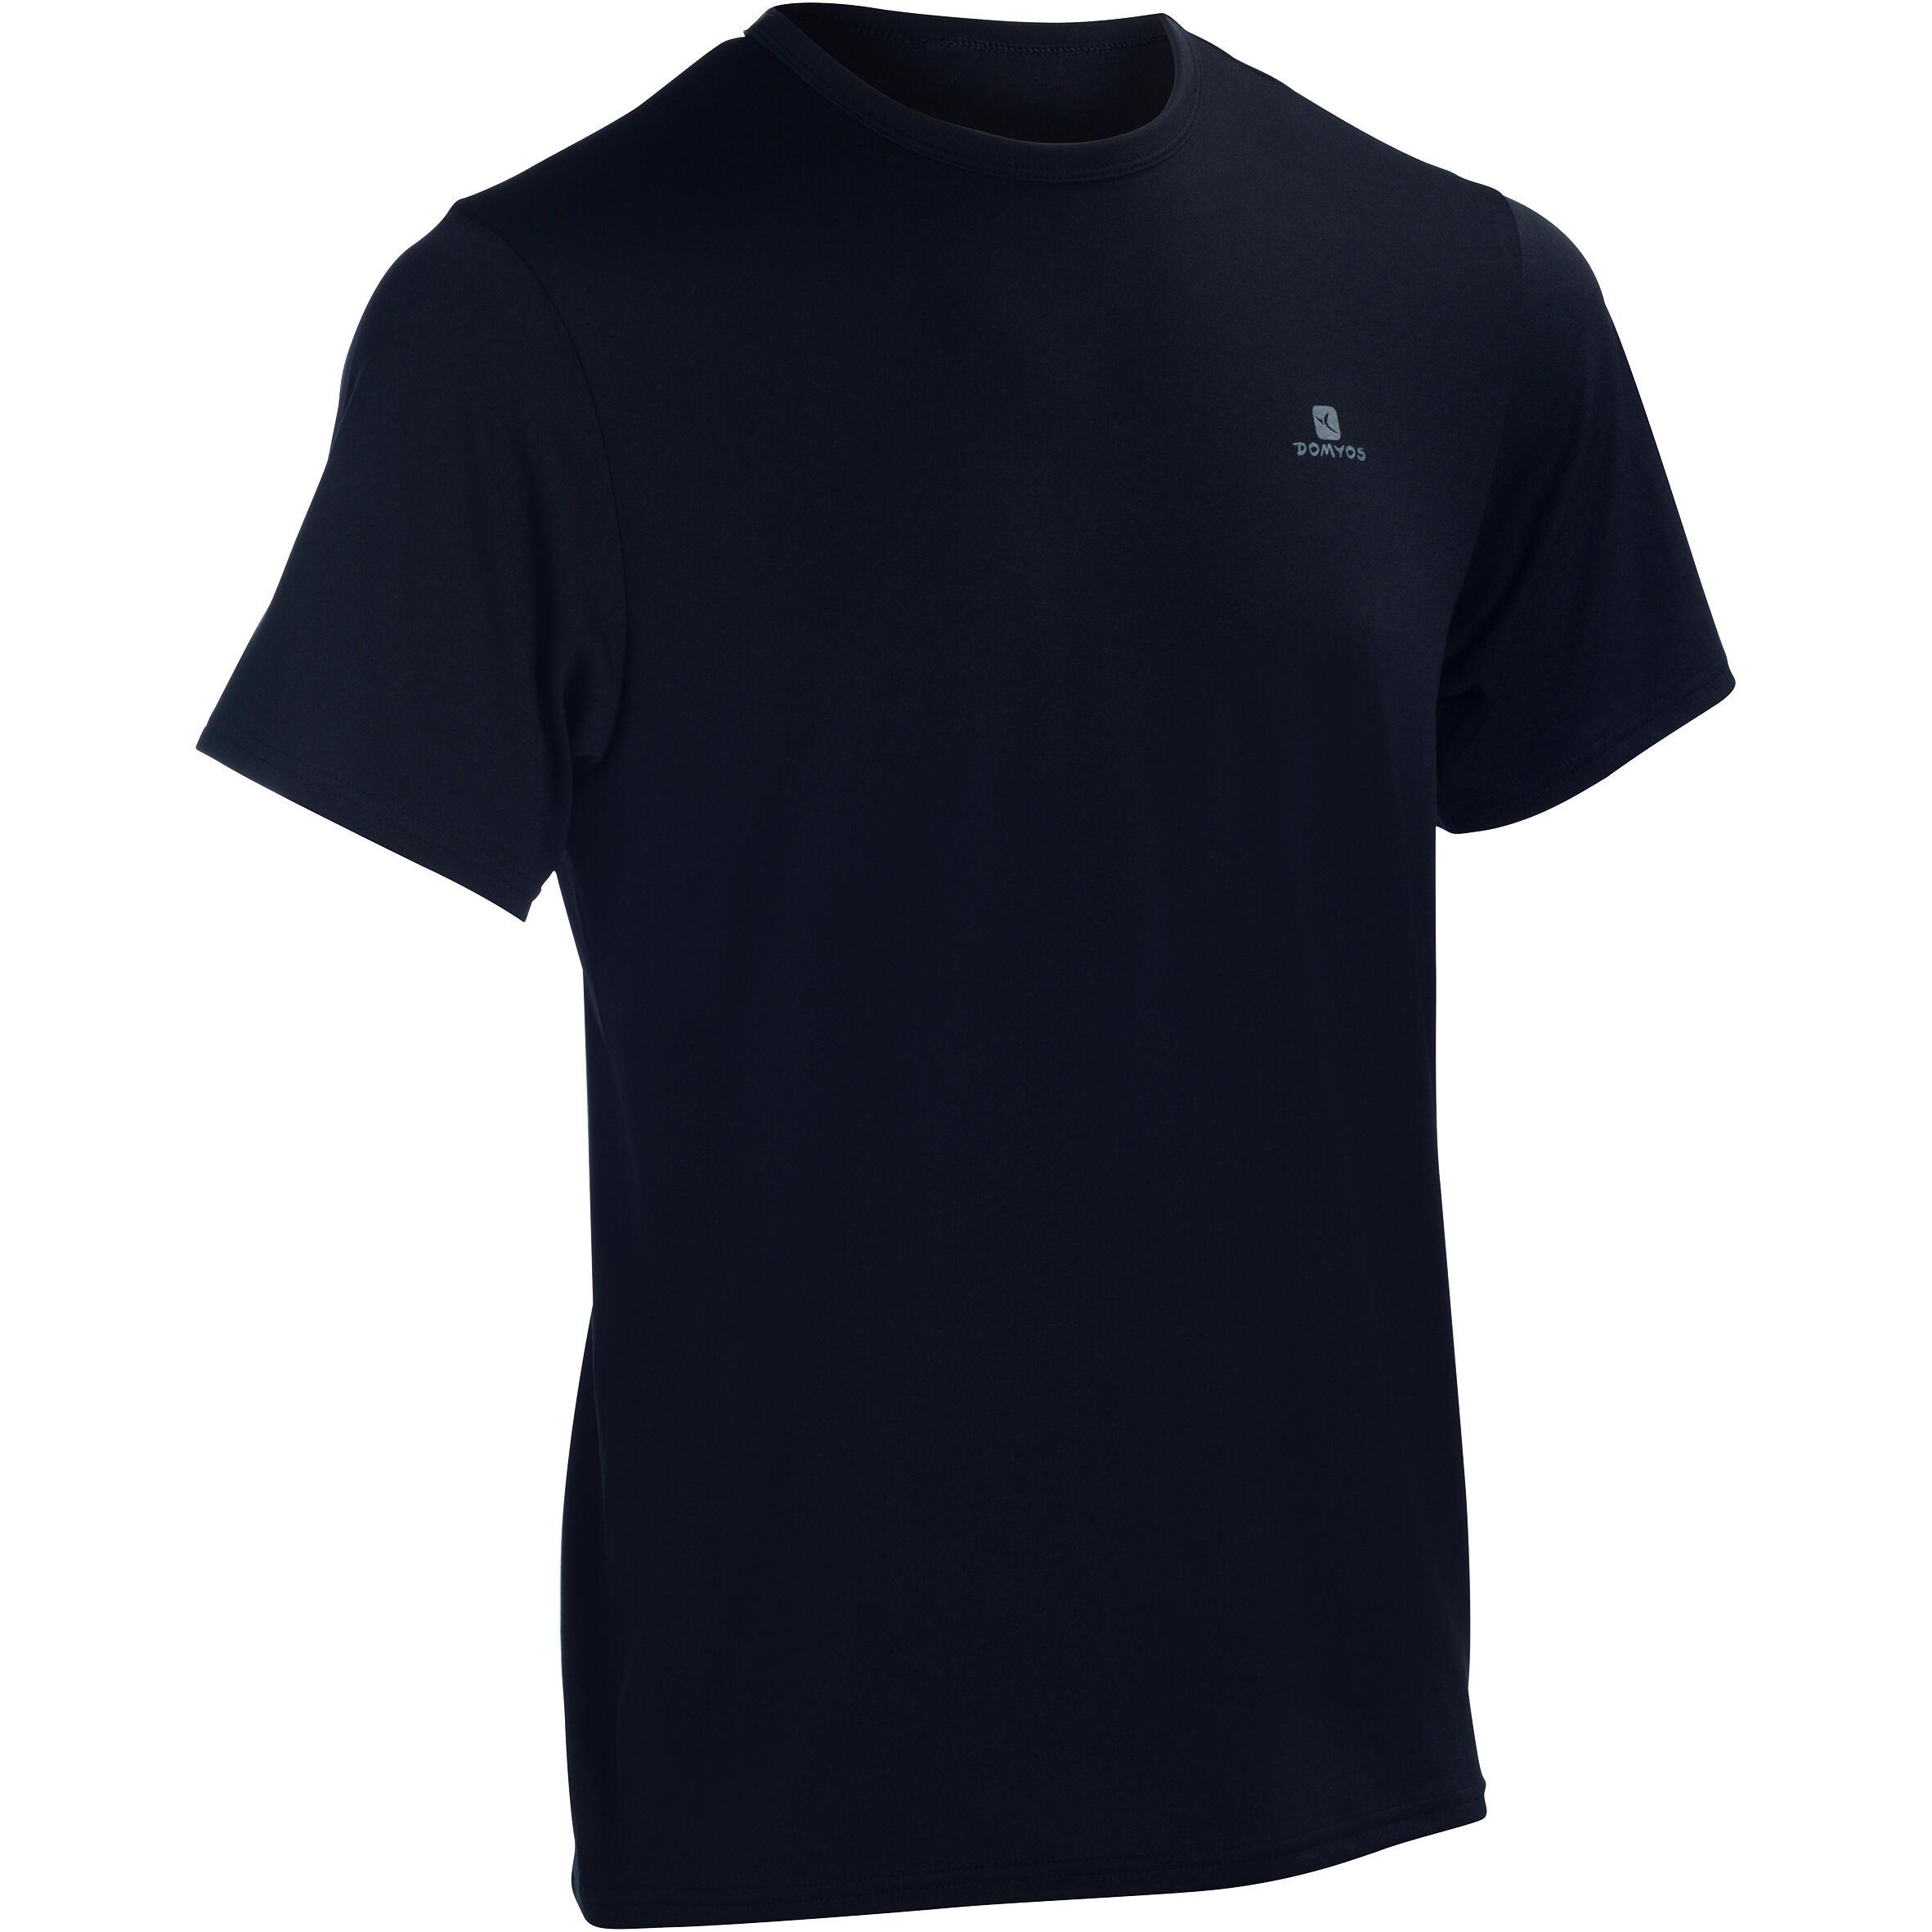 Camiseta fitness cardio hombre negro ENERGY